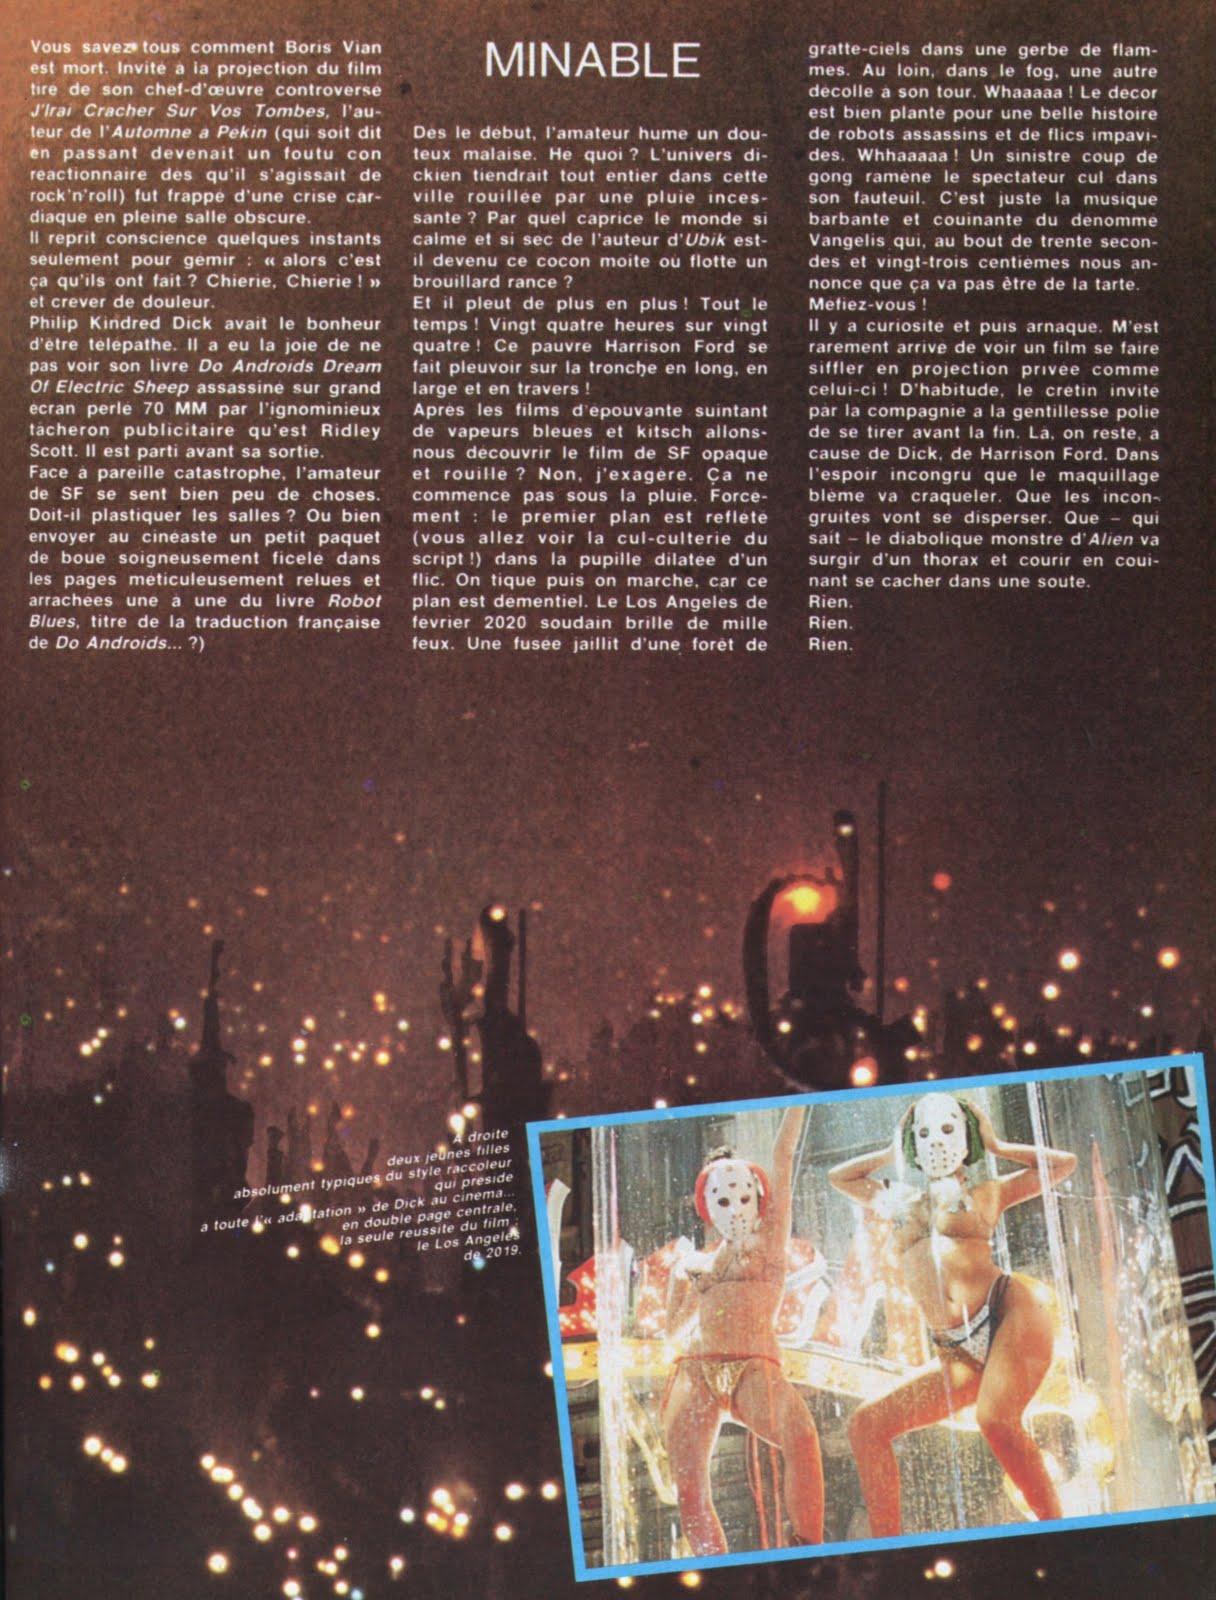 METAL HURLANT (Sept 1982) Blade Runner LA+SECONDE+MORT+PHILIP+K.+DICK+2